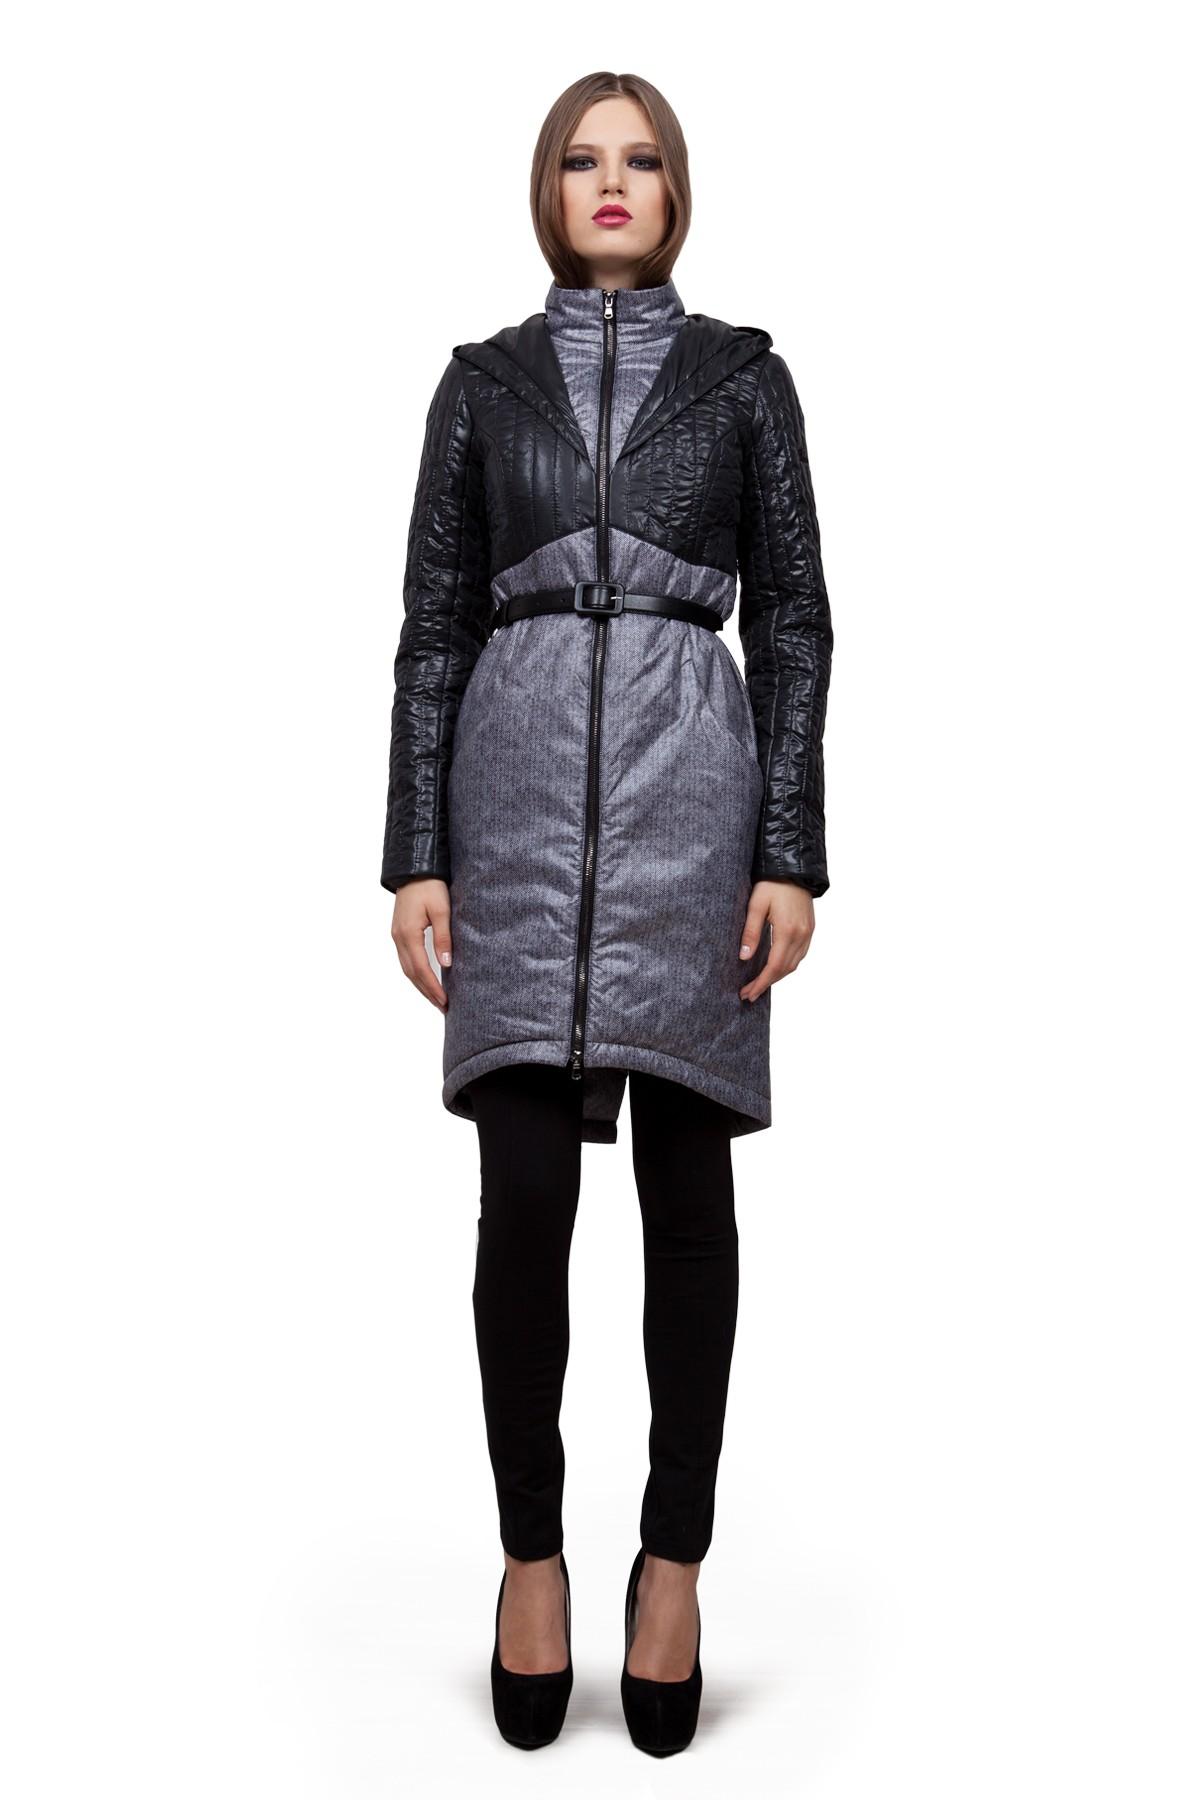 ПальтоЖенские куртки, плащи, пальто<br>В холодный осенний день очень важно ощущение тепла и комфорта. Это тепло может подарить Вам это очаровательное полупальто. Модель приталенного покроя прекрасно сидит по фигуре. Оригинальность пальто заключается в комбинированном дизайне. Такая модель обес<br><br>Цвет: черный, серый<br>Состав: ткань1 - 100% полиэстер, ткань2 - 100% полиэстер, подкладка - 100% полиэстер, утеплитель - 100% полиэстер<br>Размер: 42,44,48,50,52,54,56<br>Страна дизайна: Россия<br>Страна производства: Россия